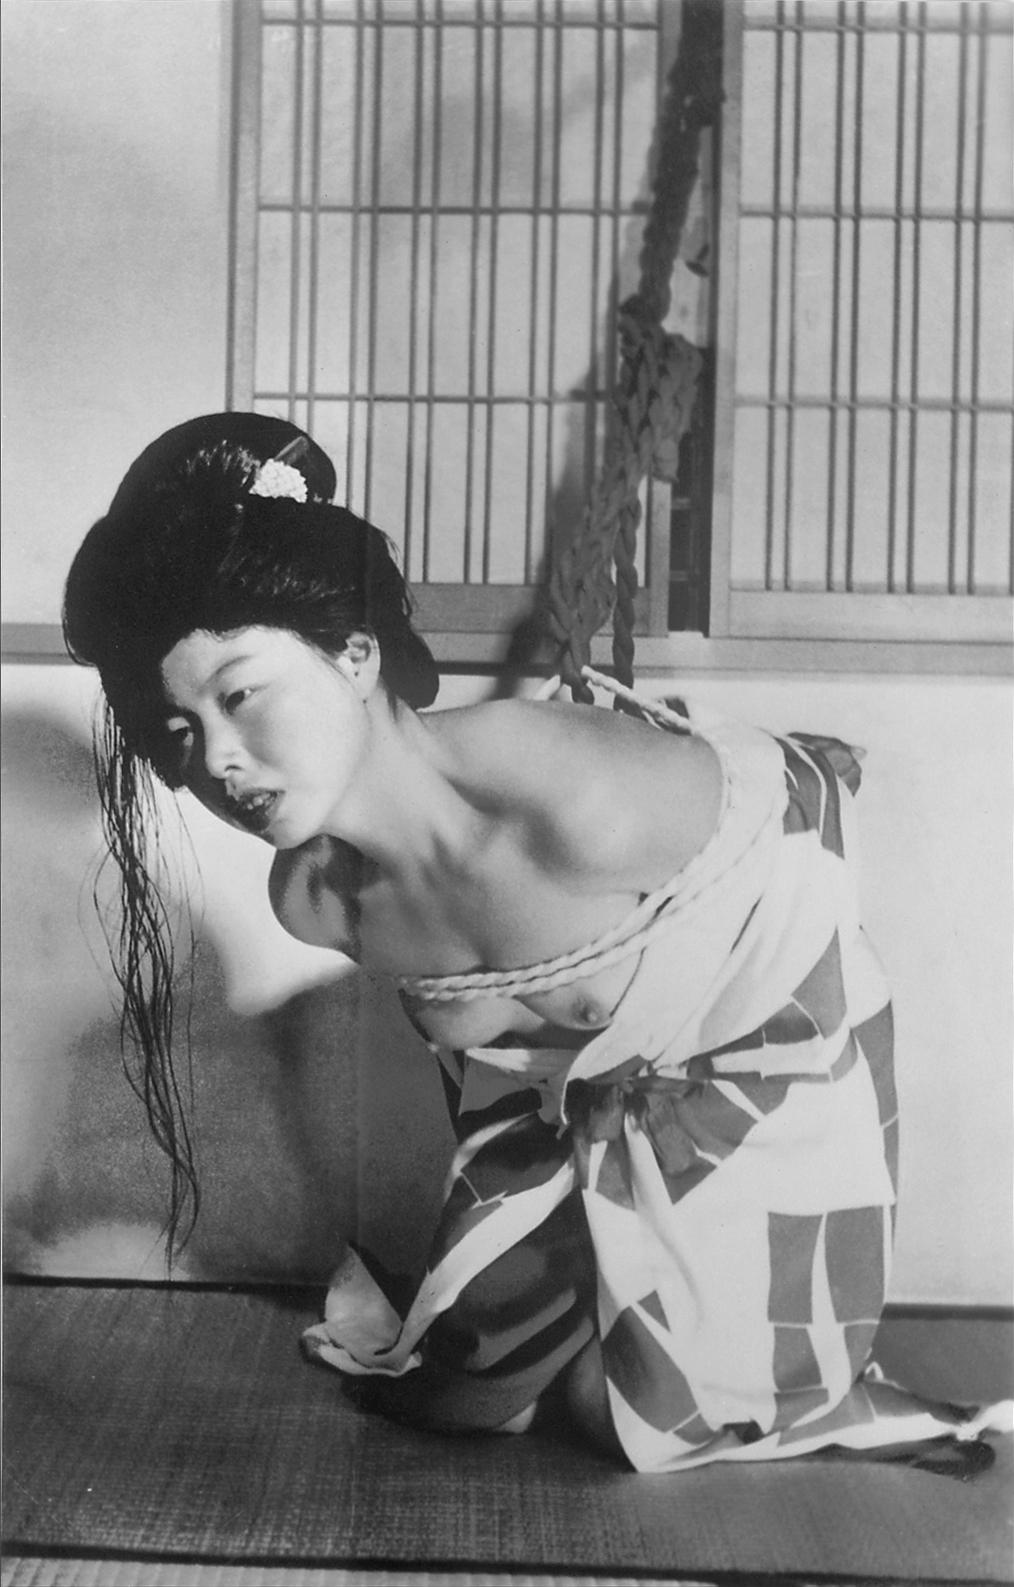 昭和初期の全裸 思いますに、お盆用にケイサツの目を気にしながら、恐る恐る風俗アルバムを出版したところ、檻に入れられることもなく、1,000部限定のつもりが、予約だけでそれを ...